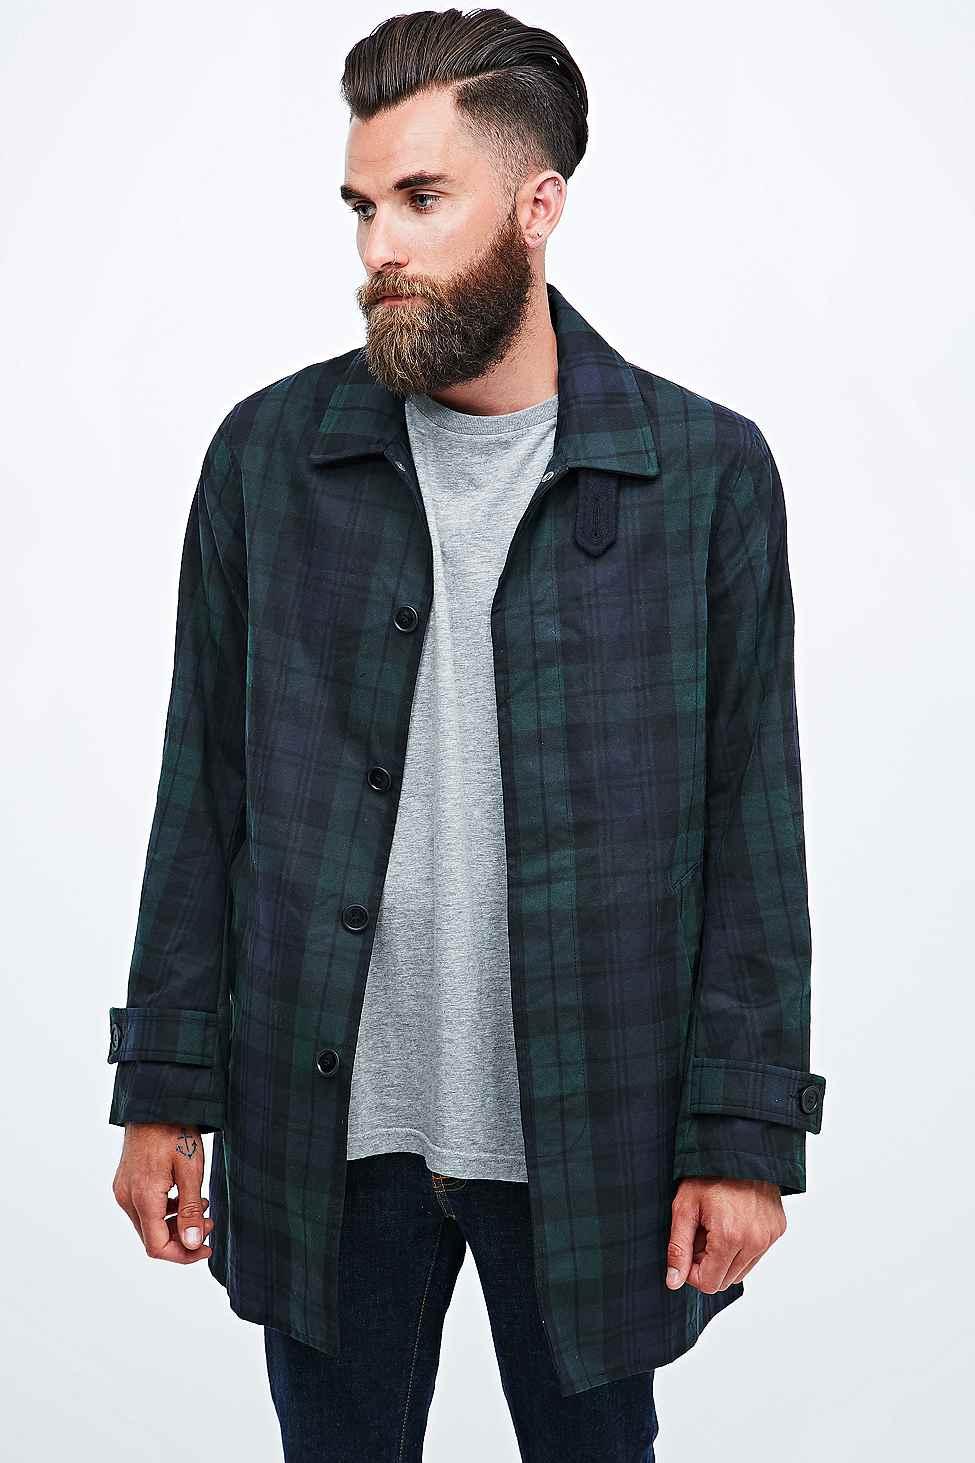 Northface Resolve Jacket